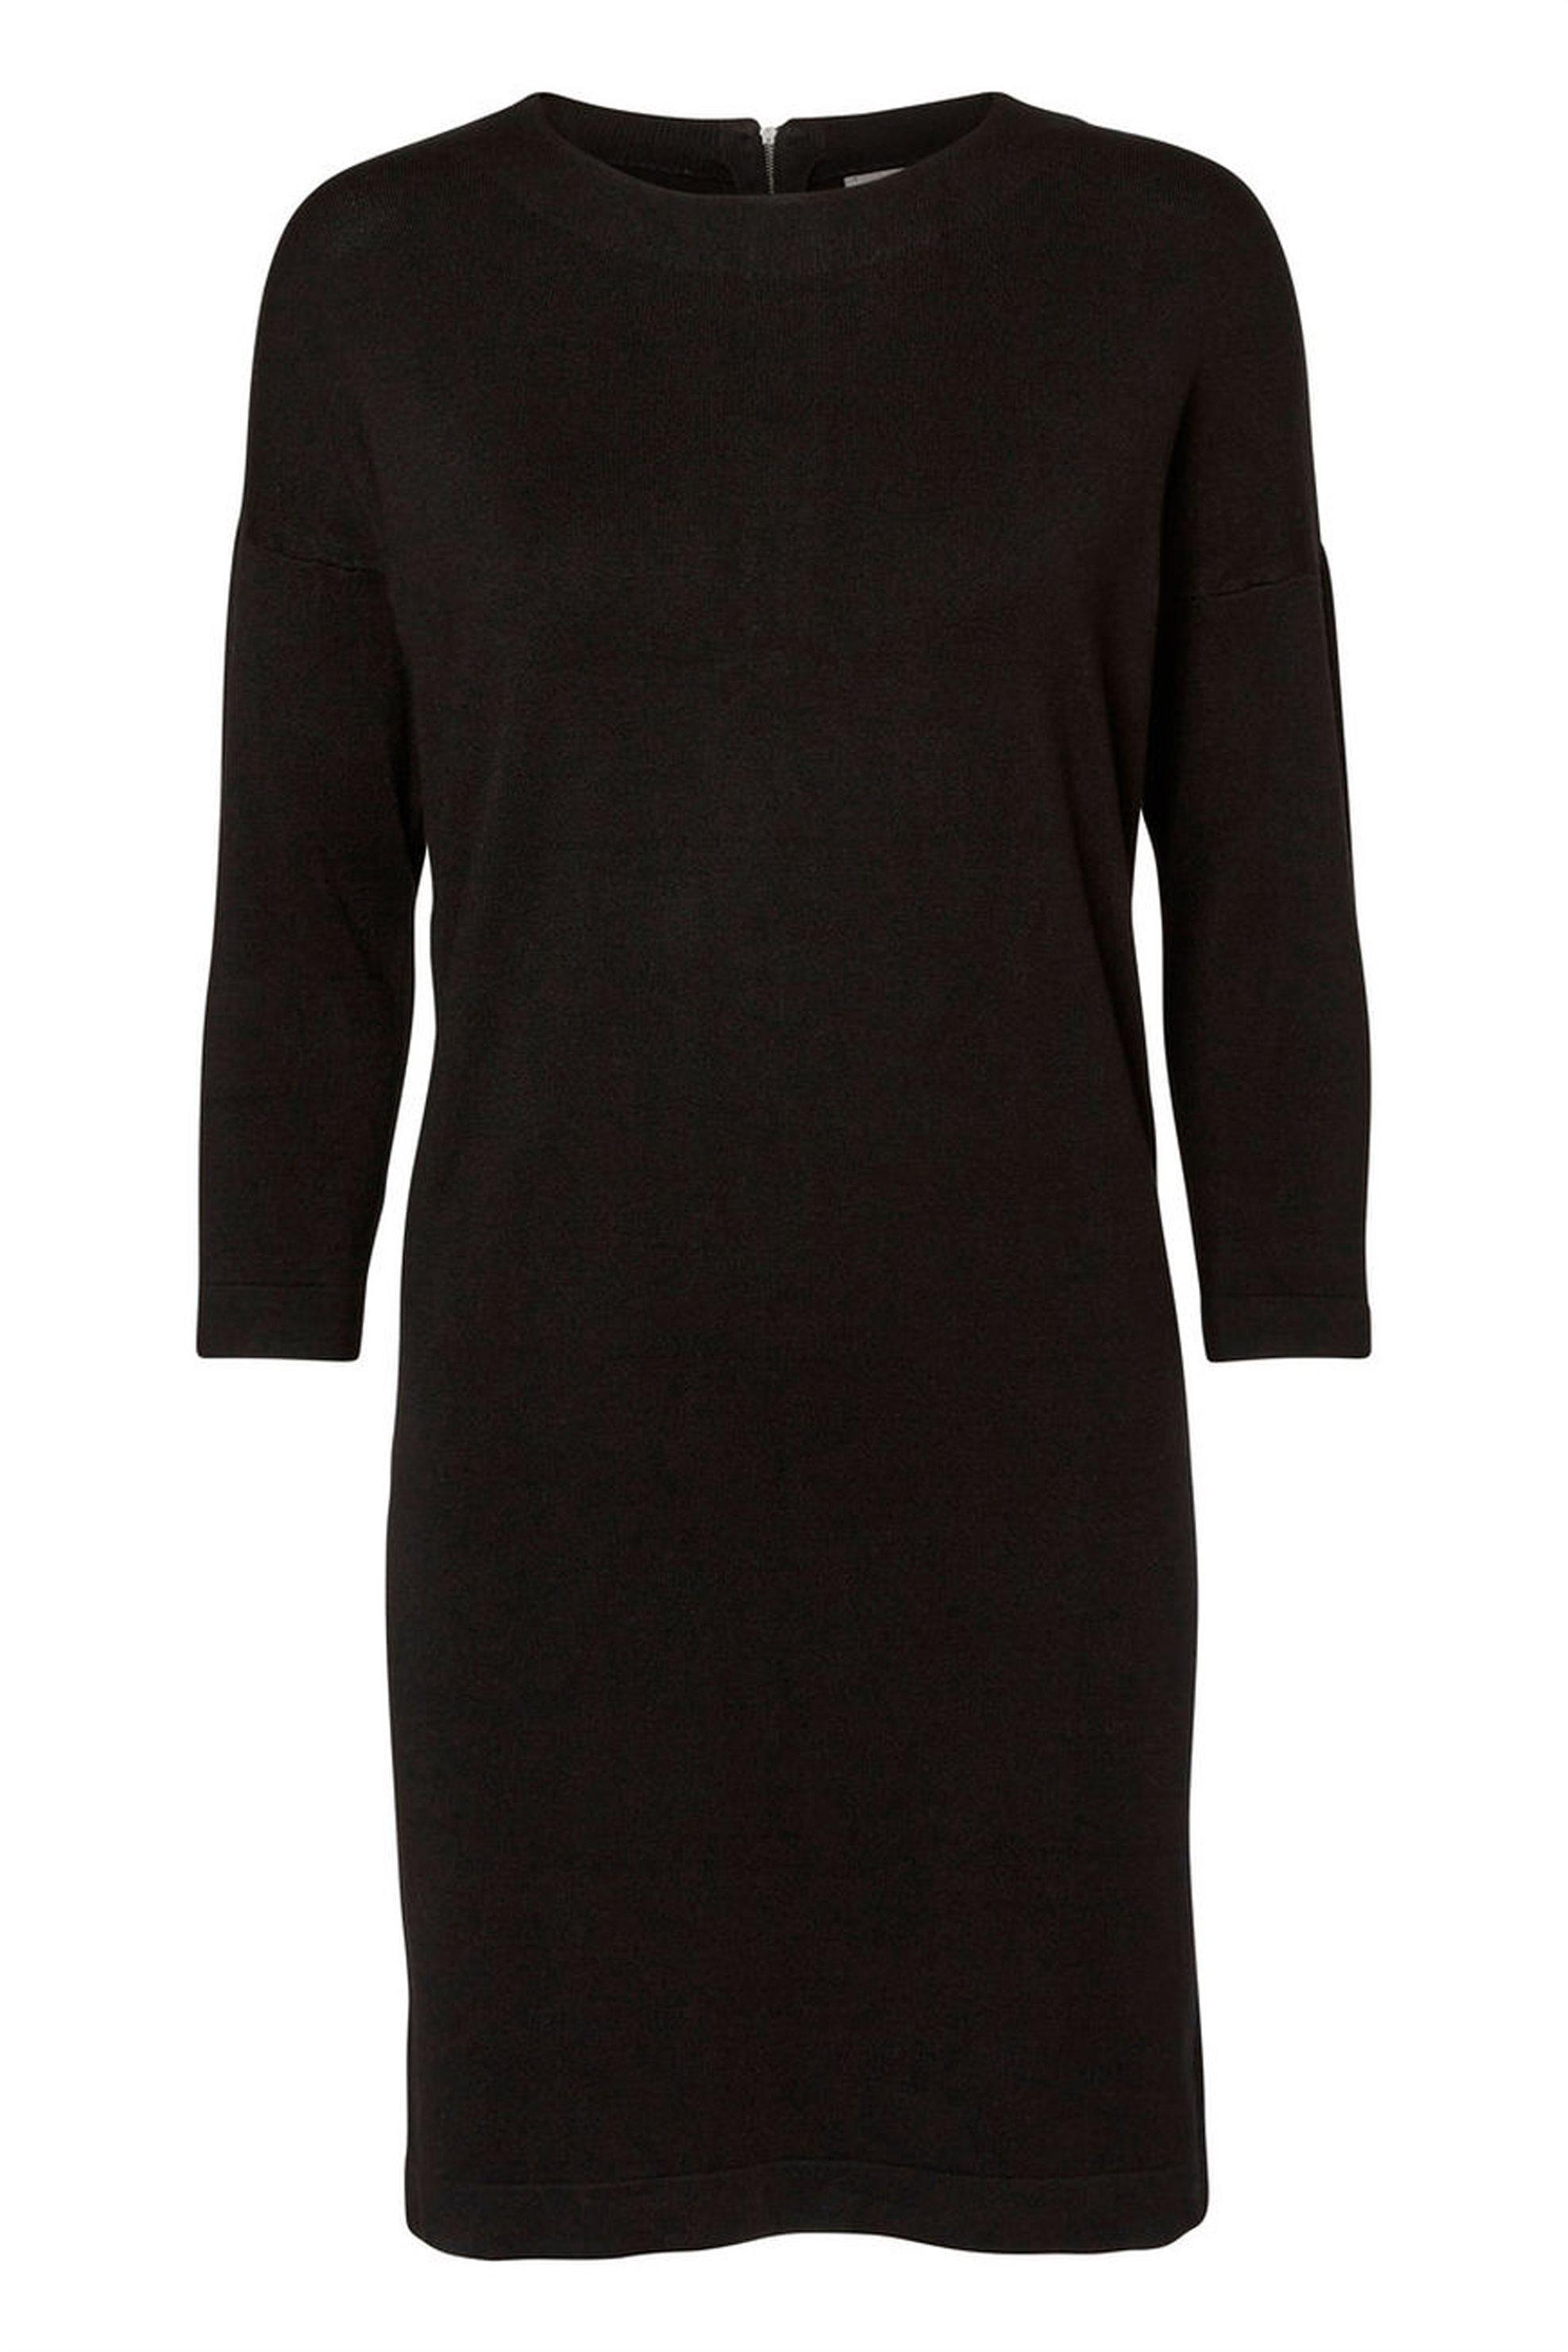 VERO MODA γυναικείο φόρεμα μαύρο με 3/4 μανίκια - 10137034 - Μαύρο γυναικα   ρουχα   φορέματα   mini φορέματα